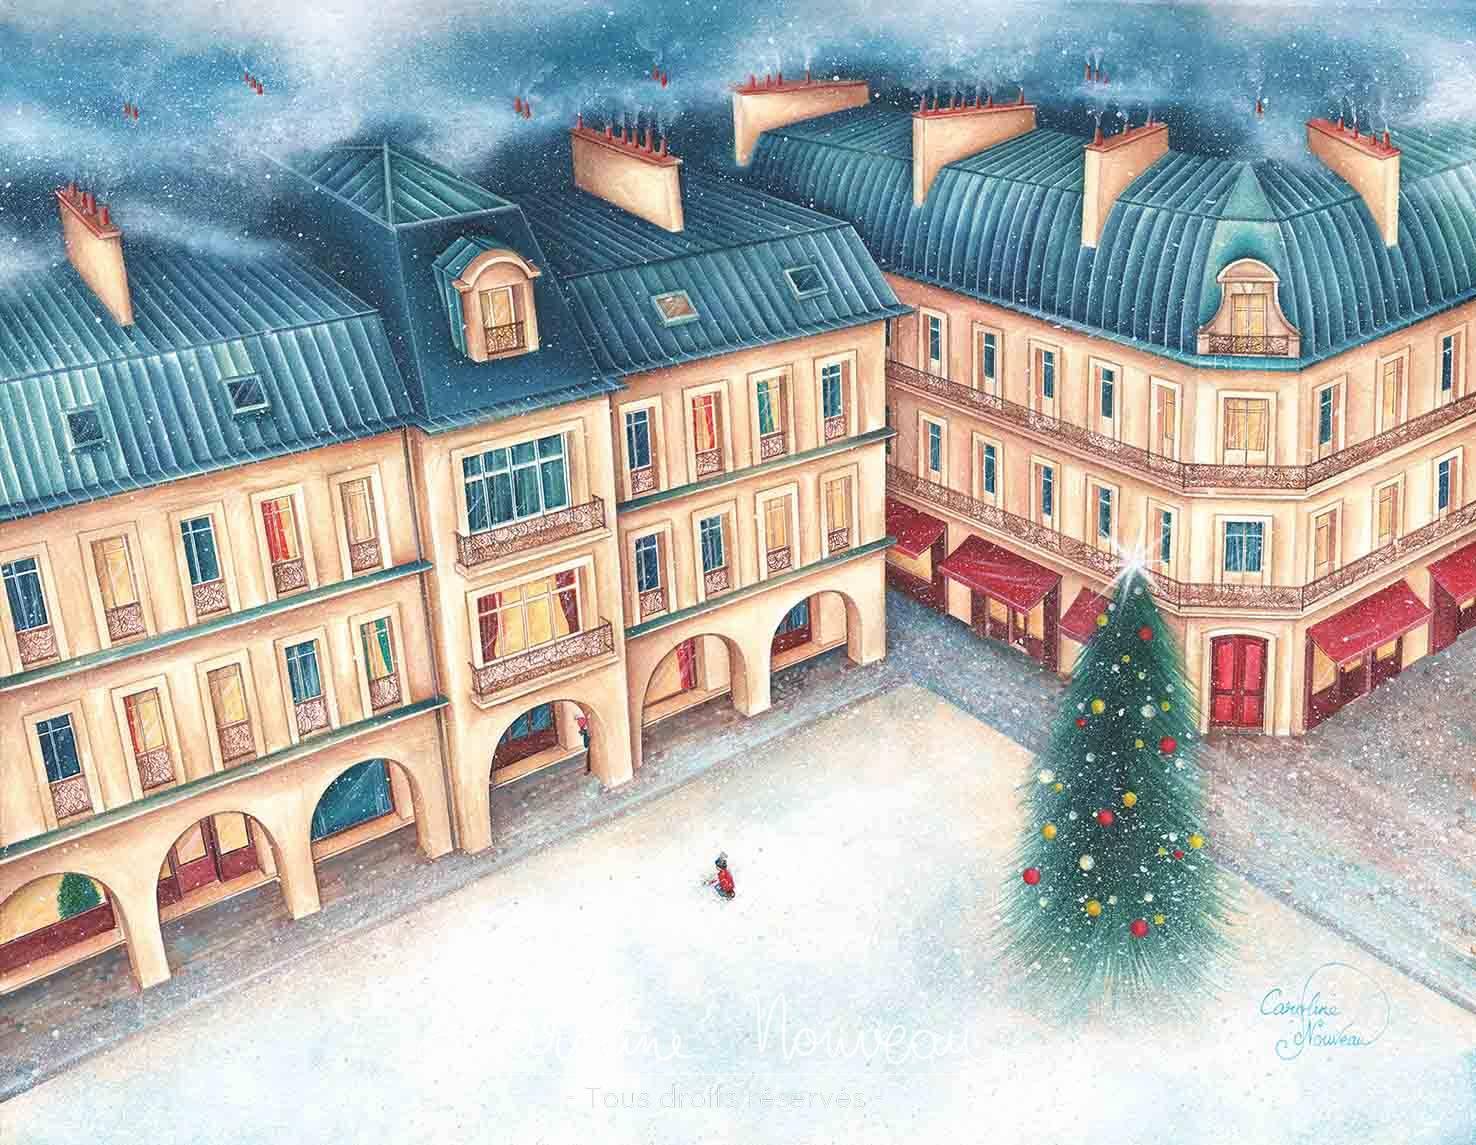 """""""L'hiver sur Paris"""" Acrylique sur papier - 45*35cm - 2019/2020 - Disponible 480€"""